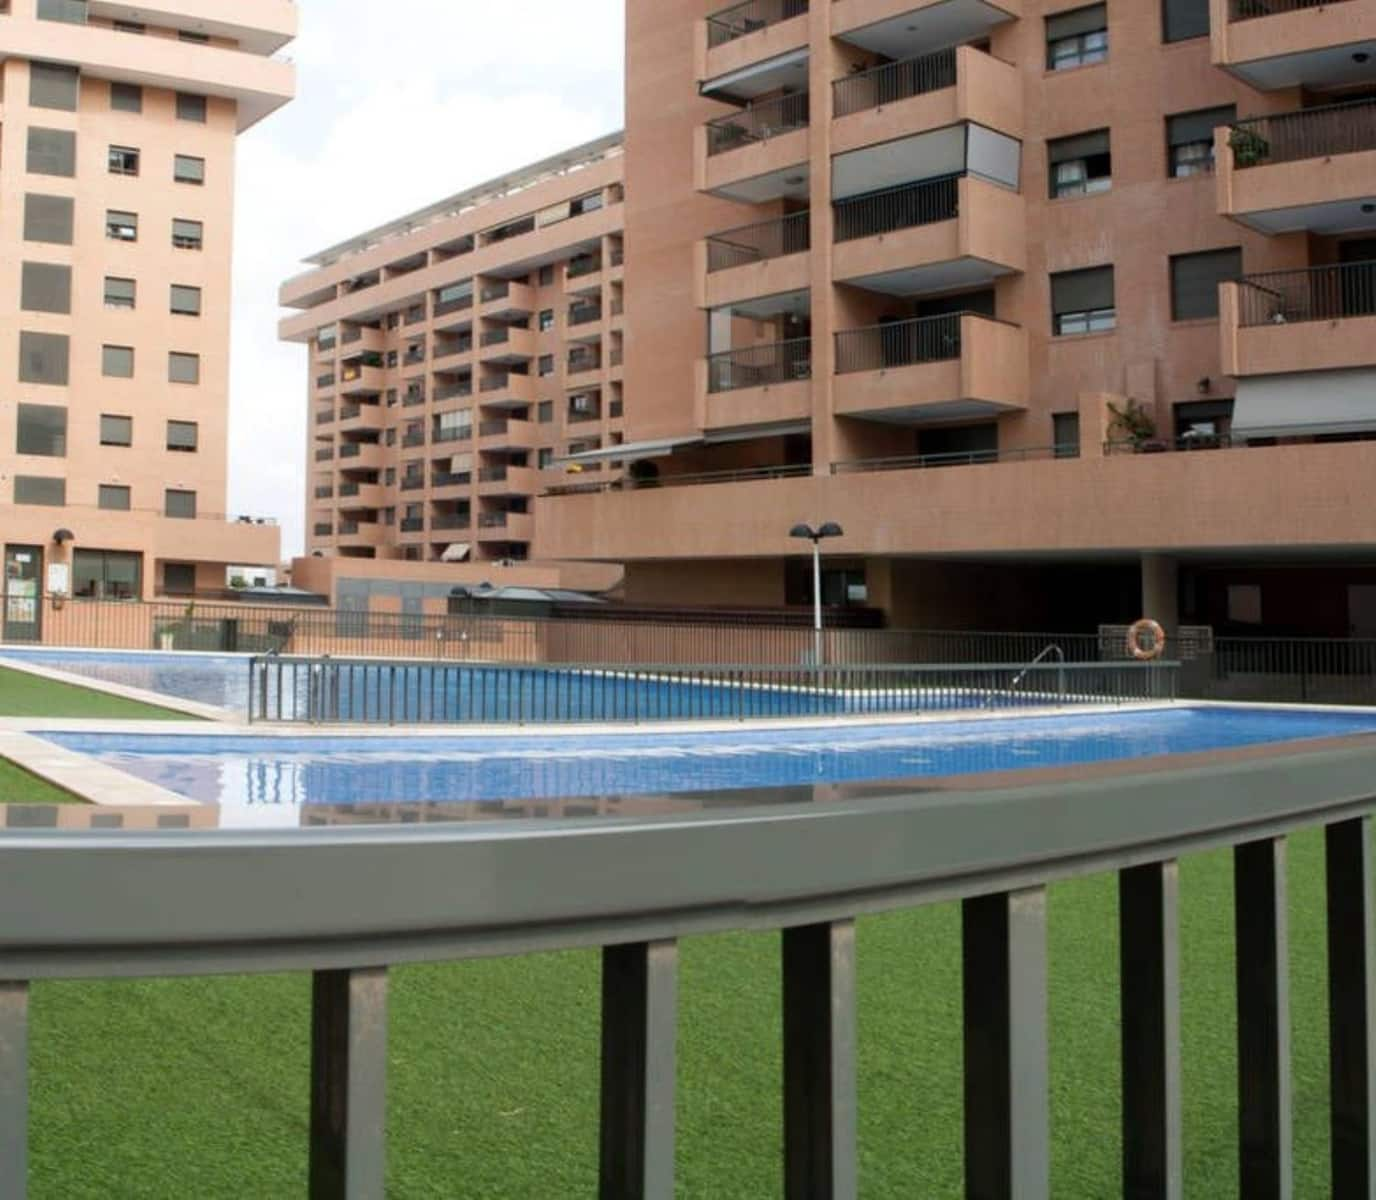 Apartamento de 3 habitaciones en Alboraya / Alboraia en venta con garaje - 365.000 € (Ref: 5332857)